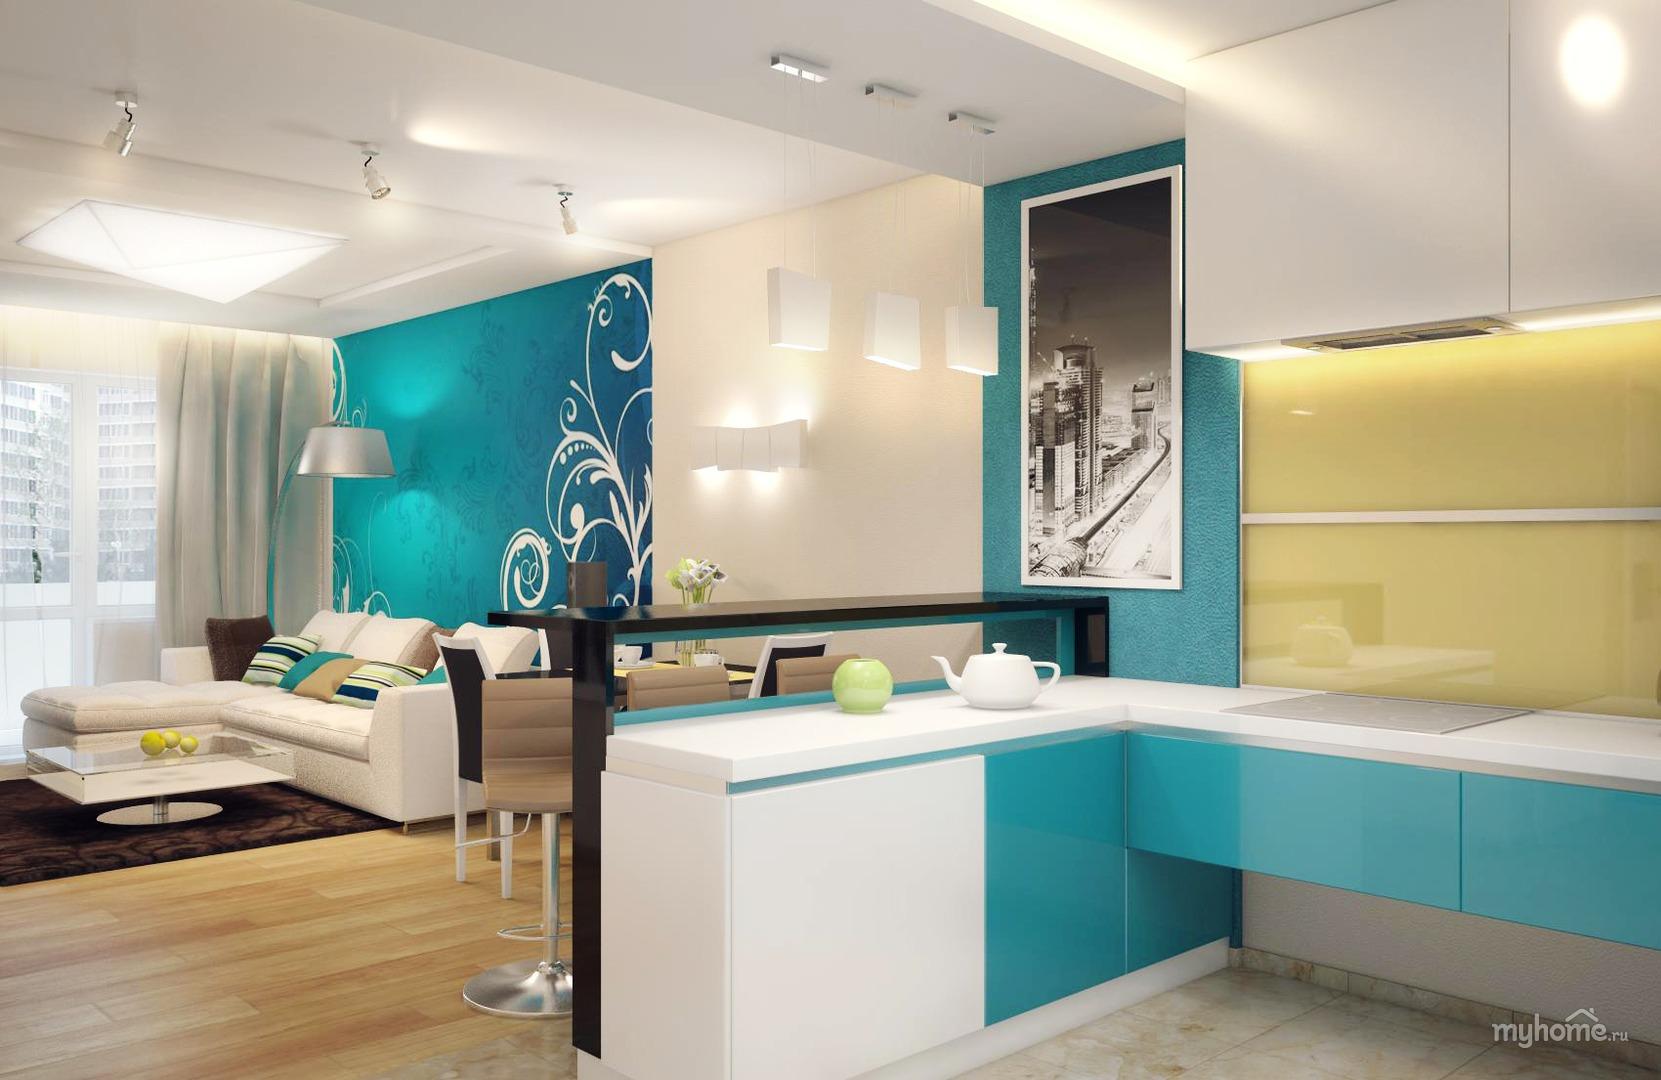 Дизайнерский интерьер кухни в бирюзовых тонах